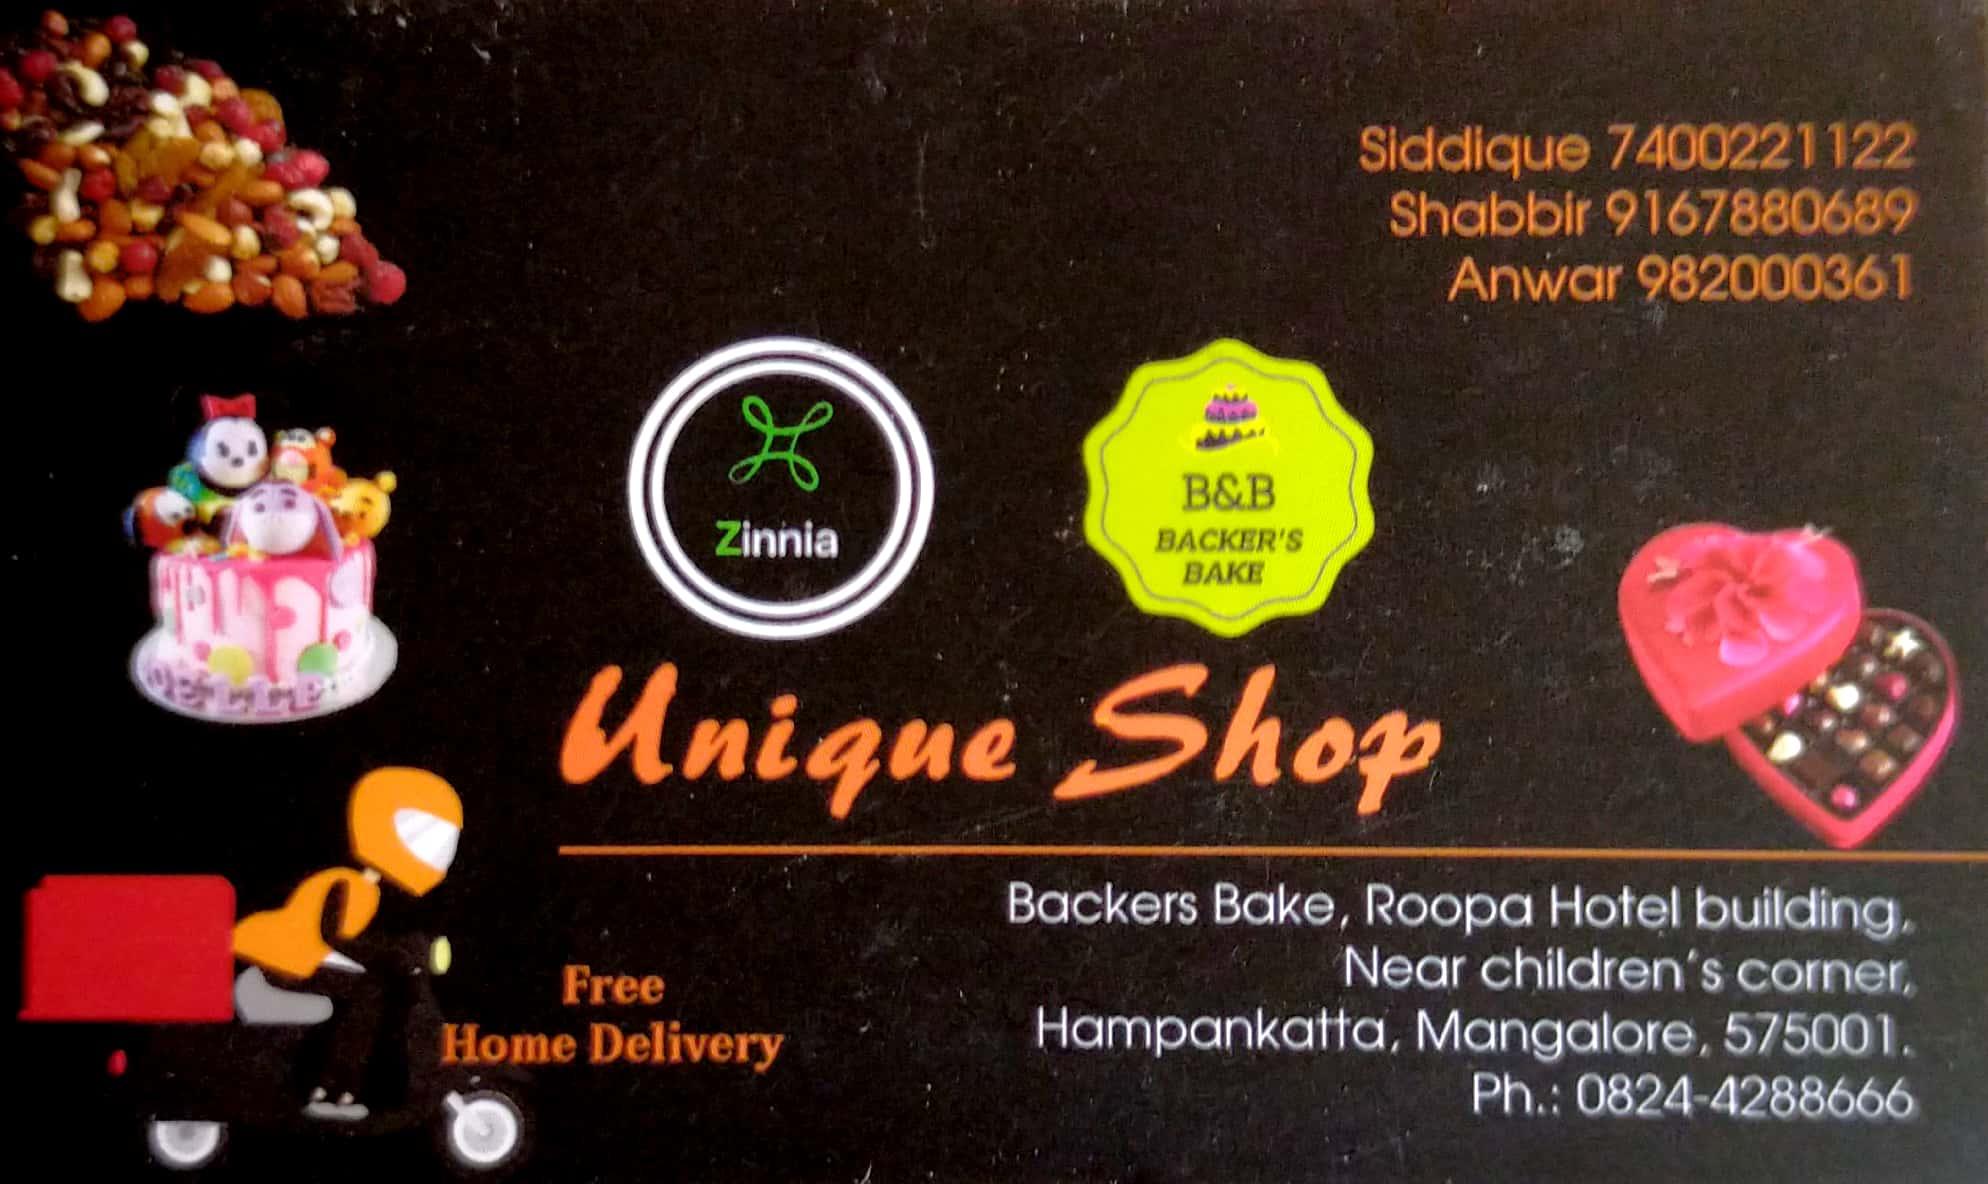 UNIQUE SHOP( BAKERS BAKE)